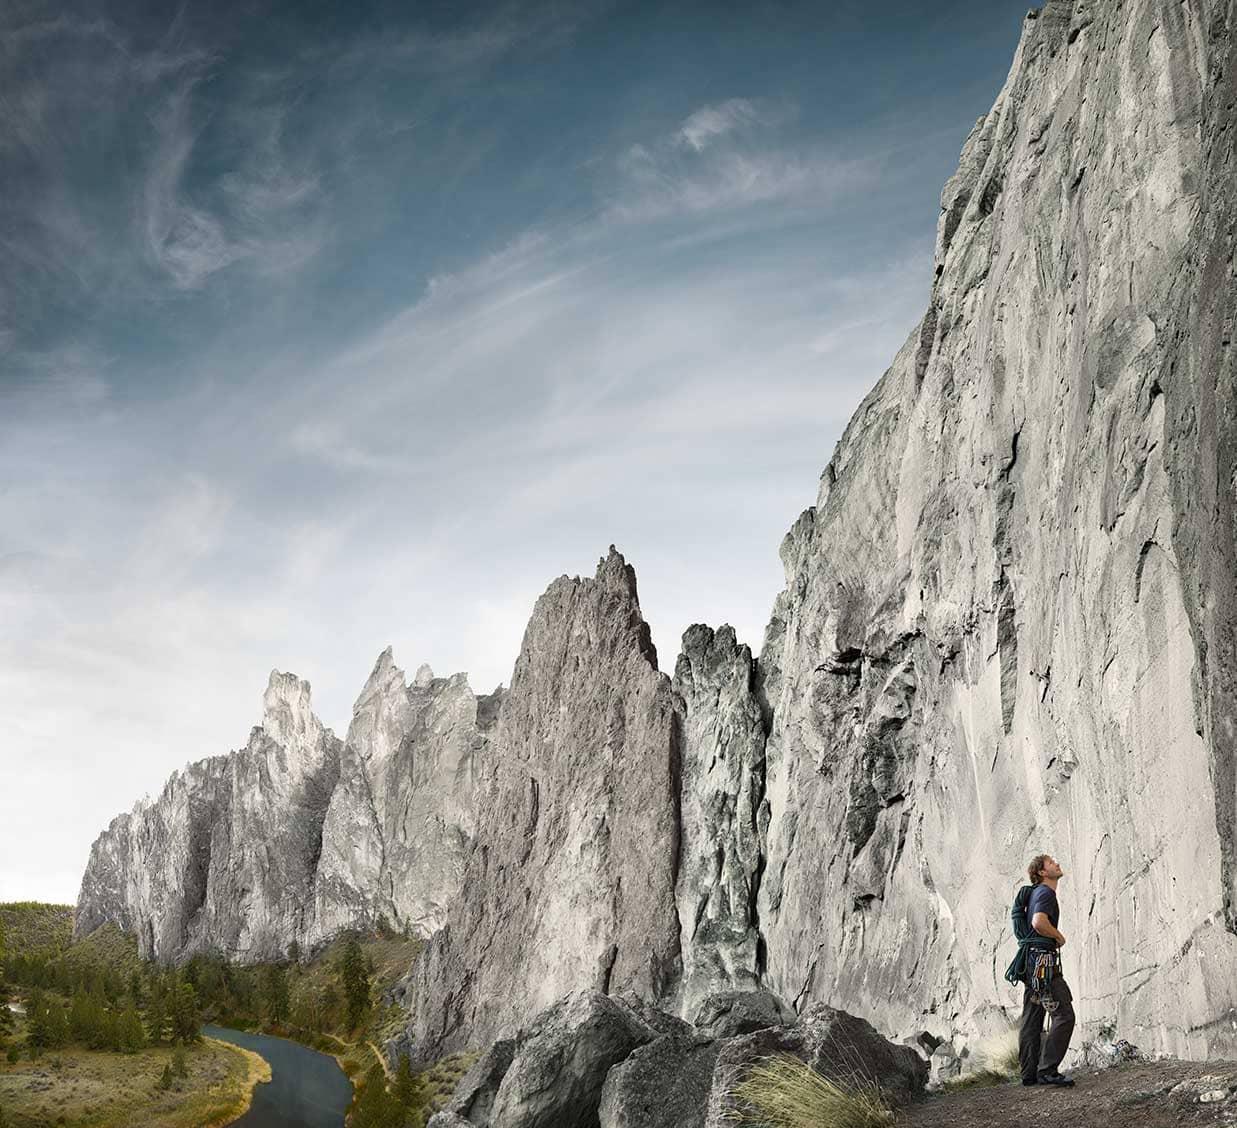 Climber Looking Up at Rock Grey Blue Skies